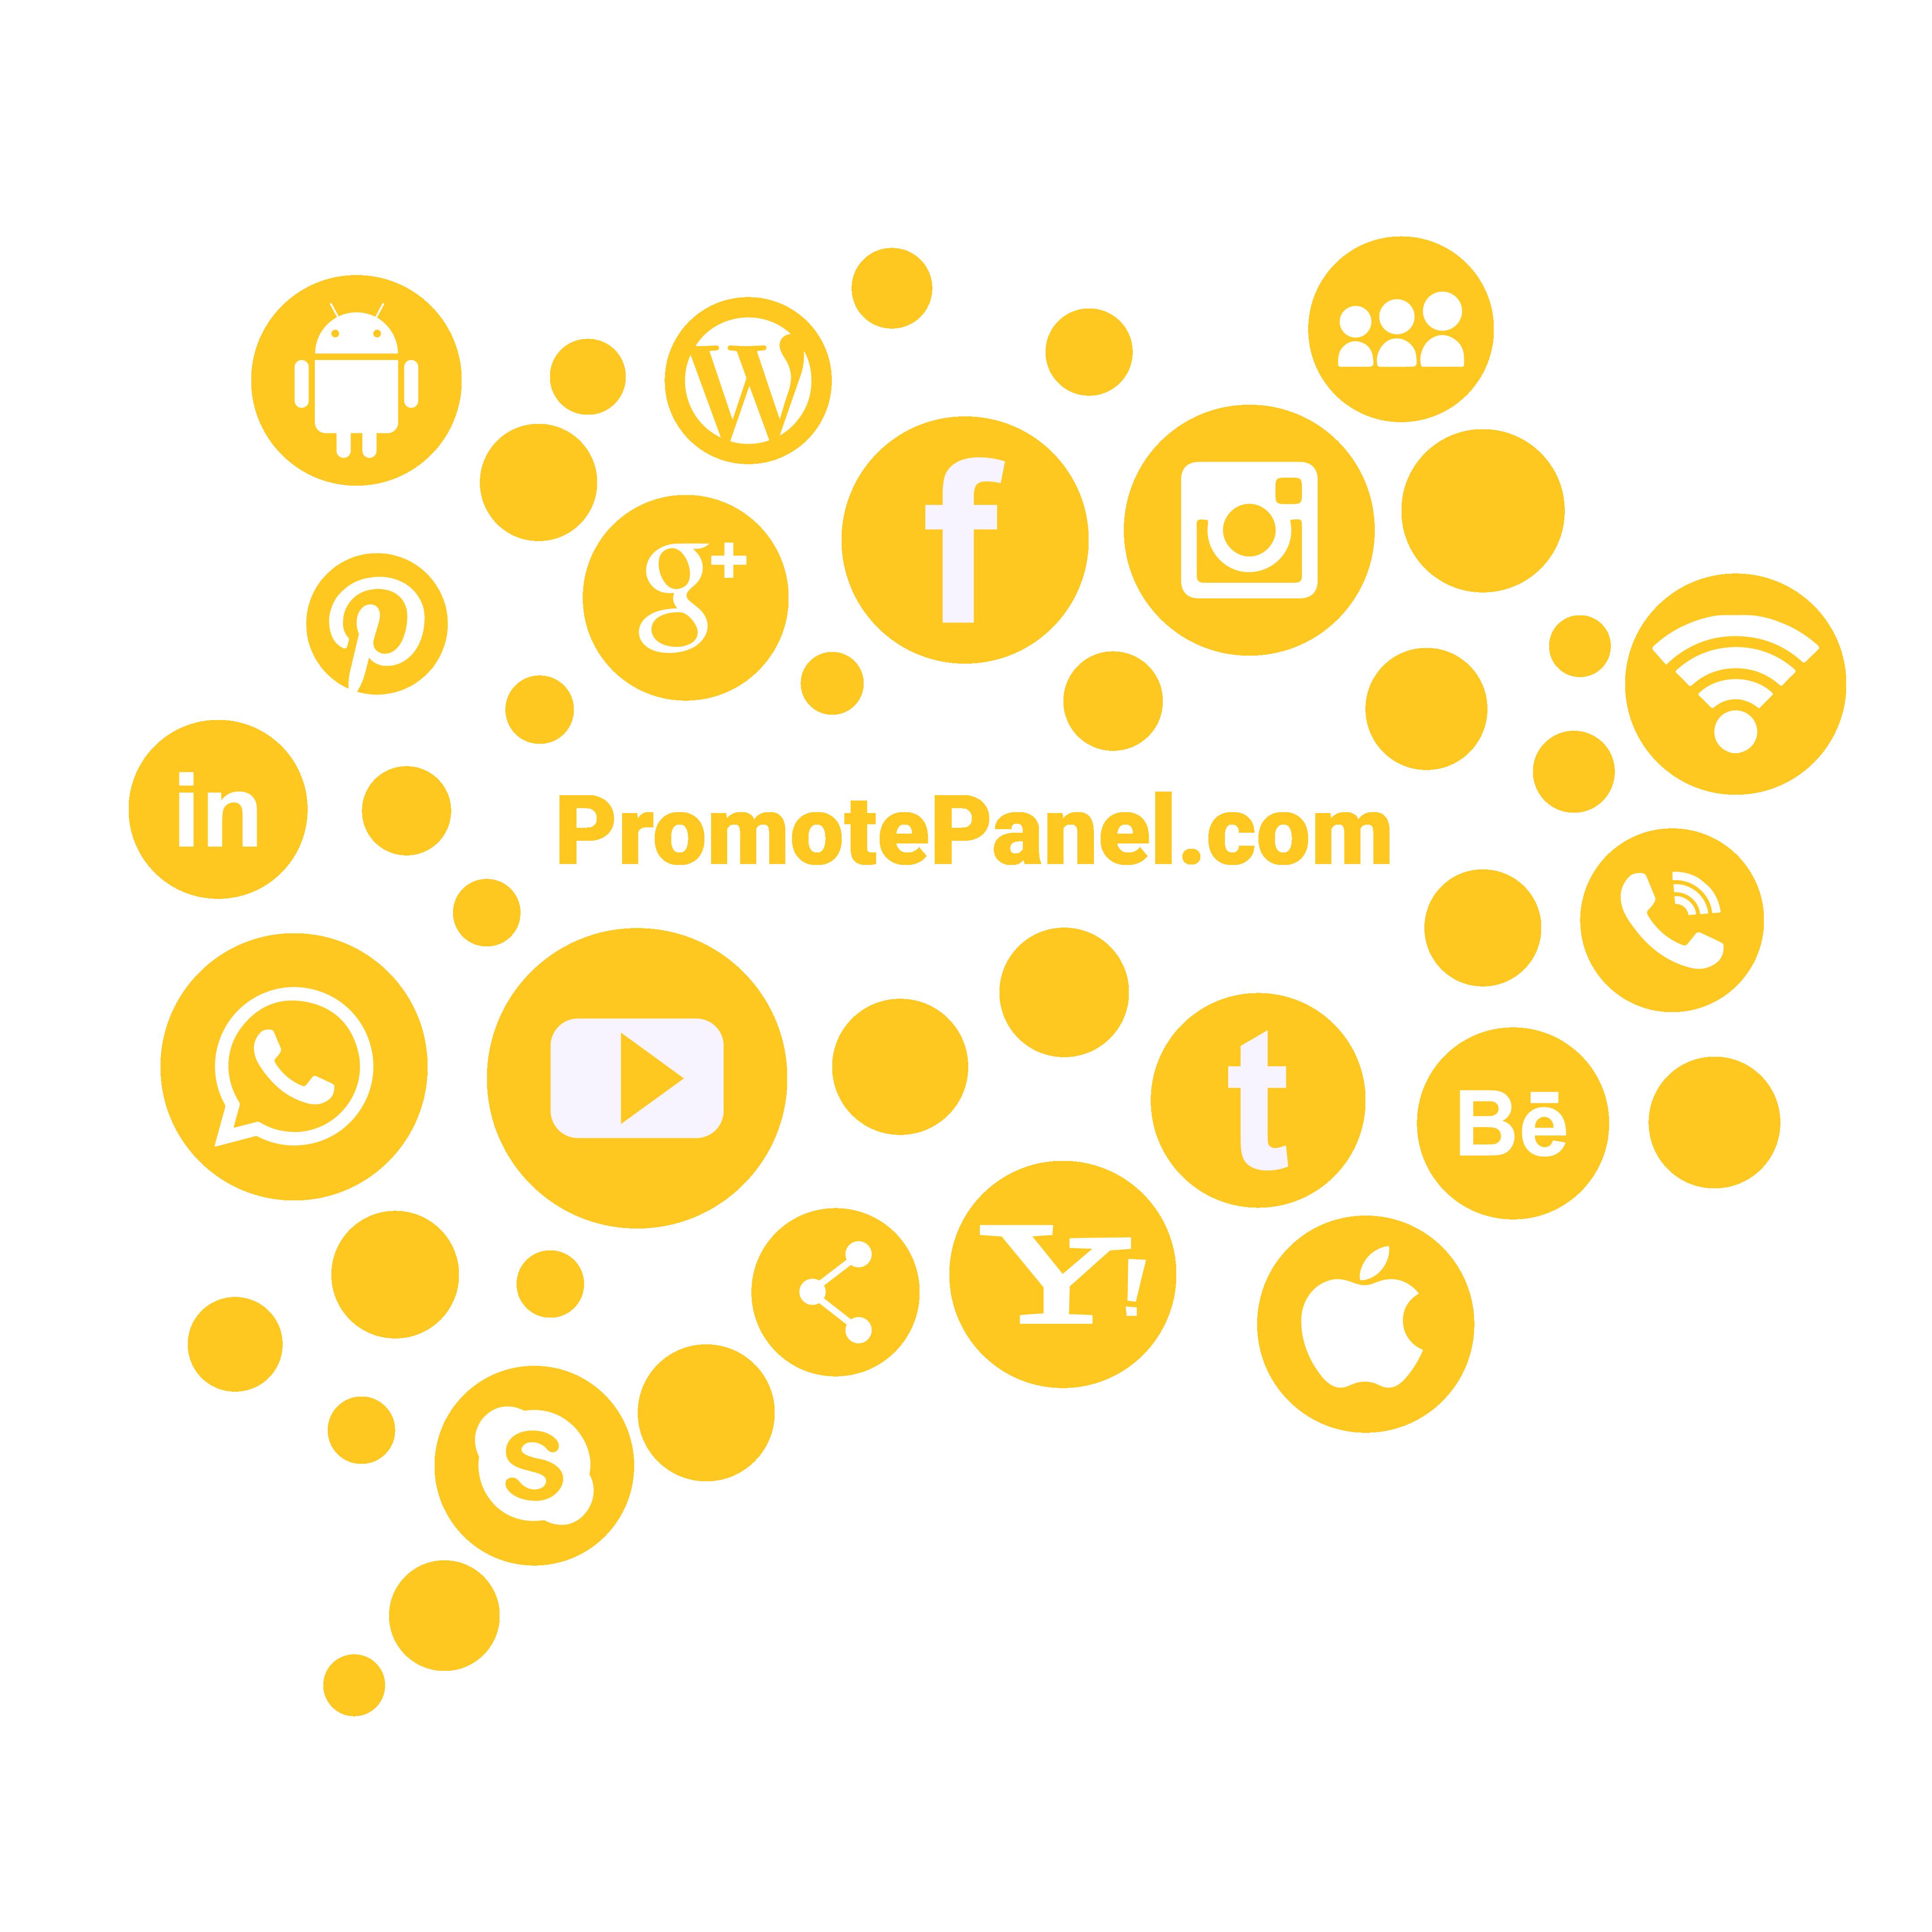 PromotePanel Social Media Marketing Tool 2021